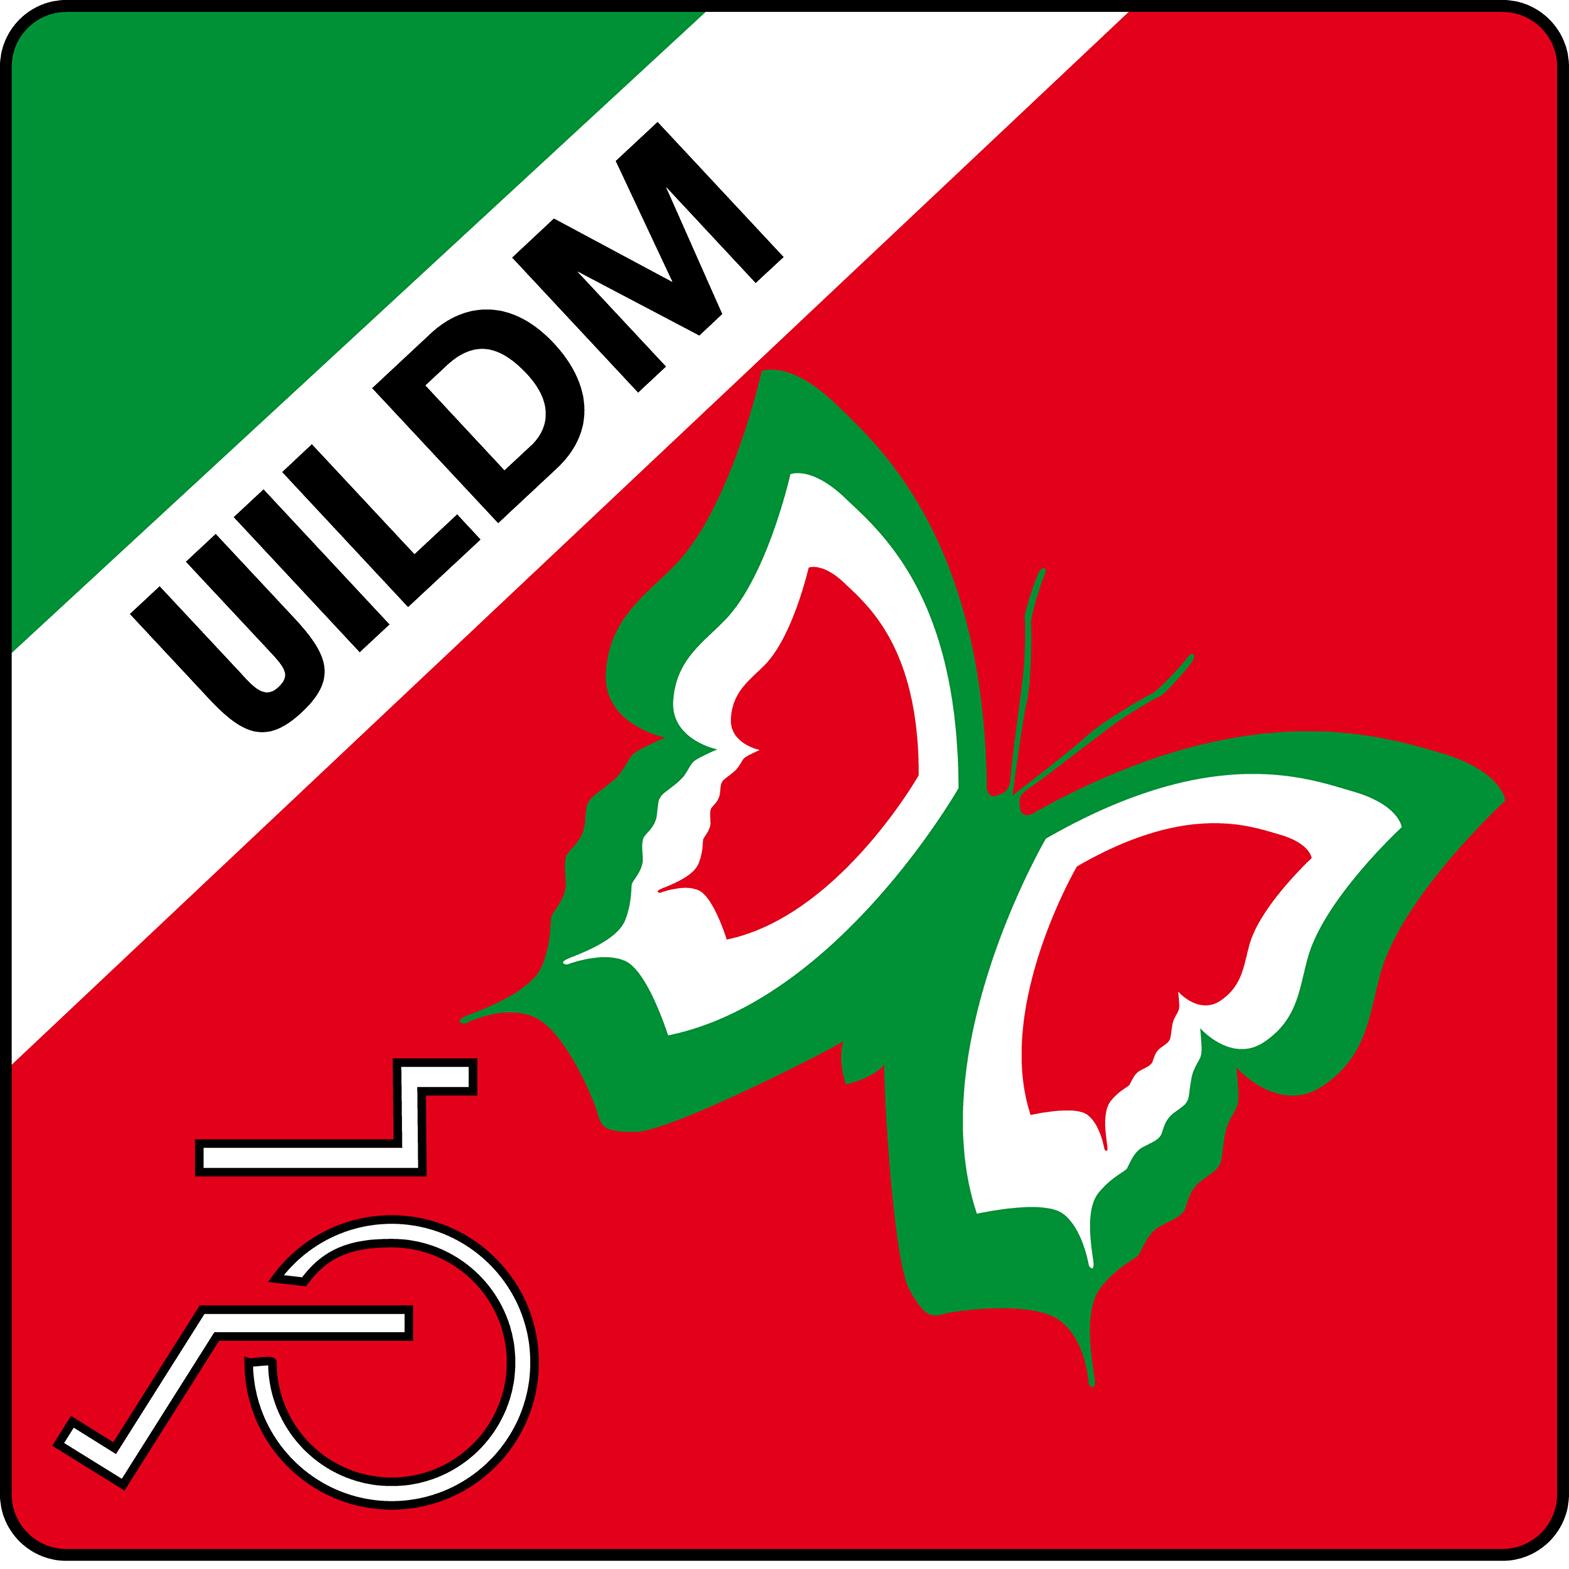 UILDM - Unione Italiana Lotta alla Distrofia Muscolare